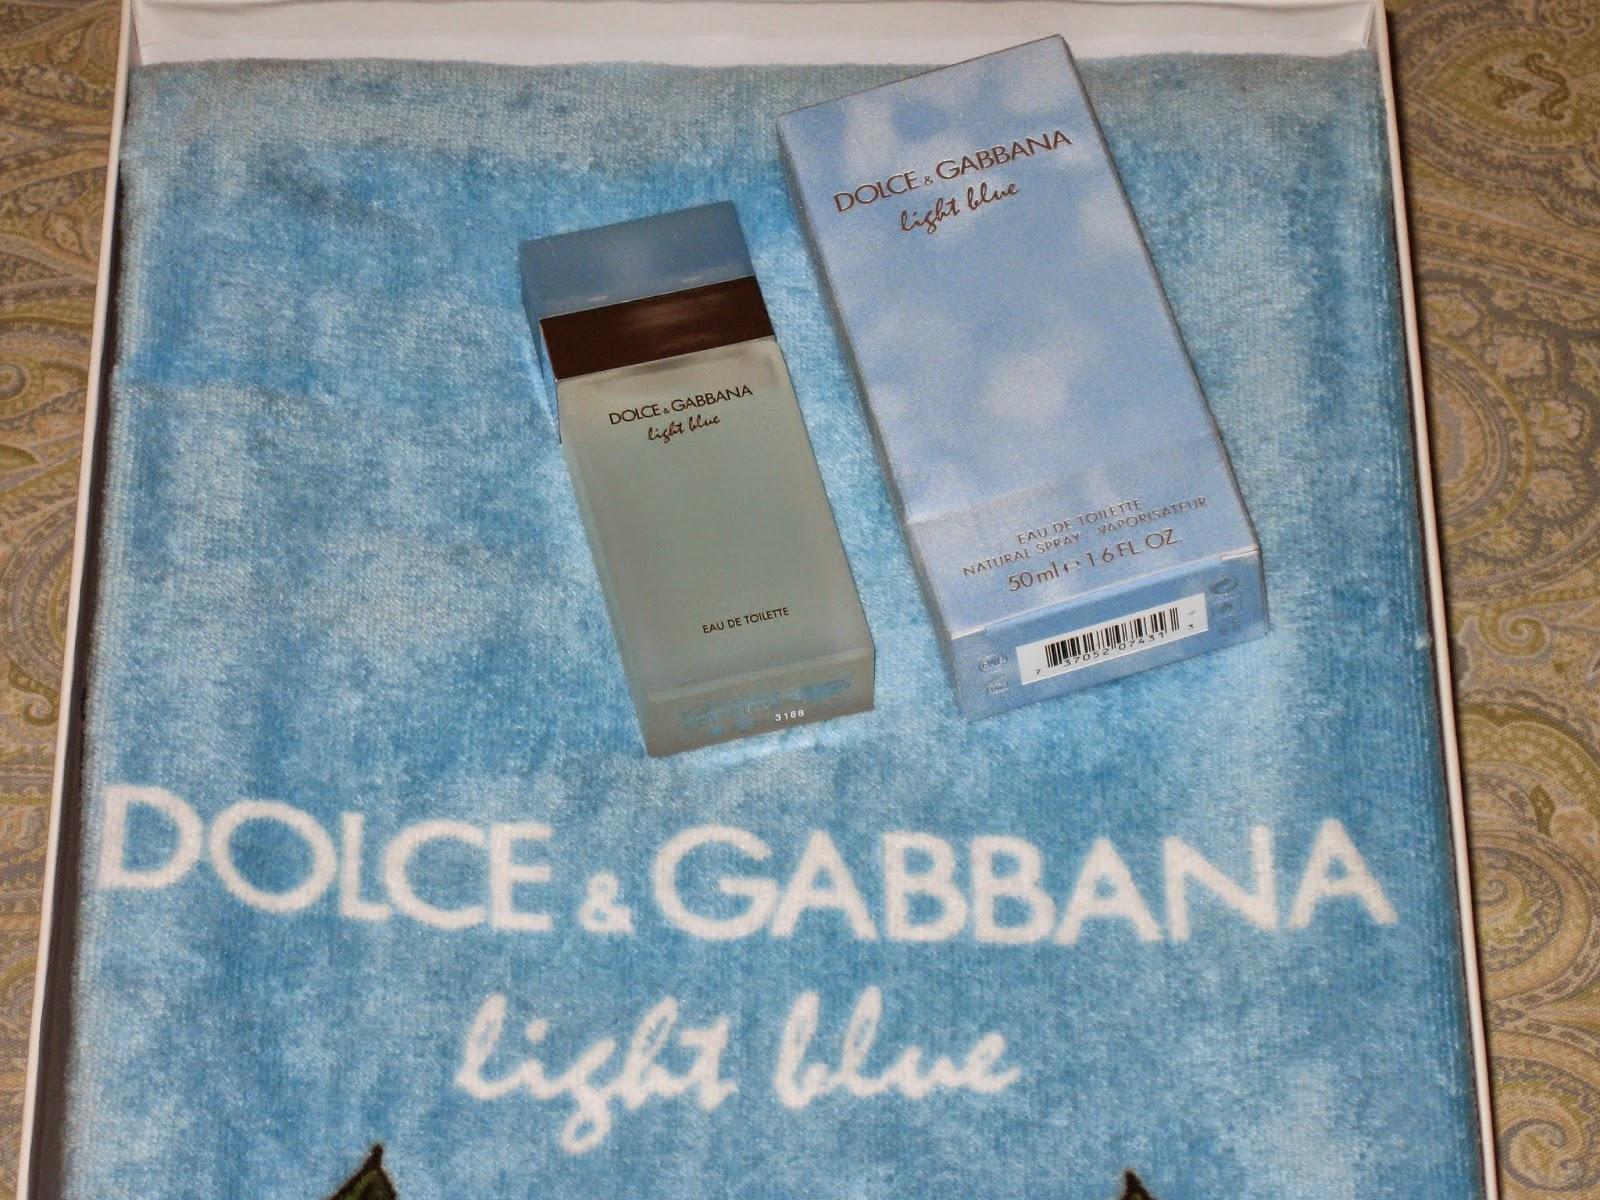 dolce gabbana light blue edt spray gwp summer 2014. Black Bedroom Furniture Sets. Home Design Ideas